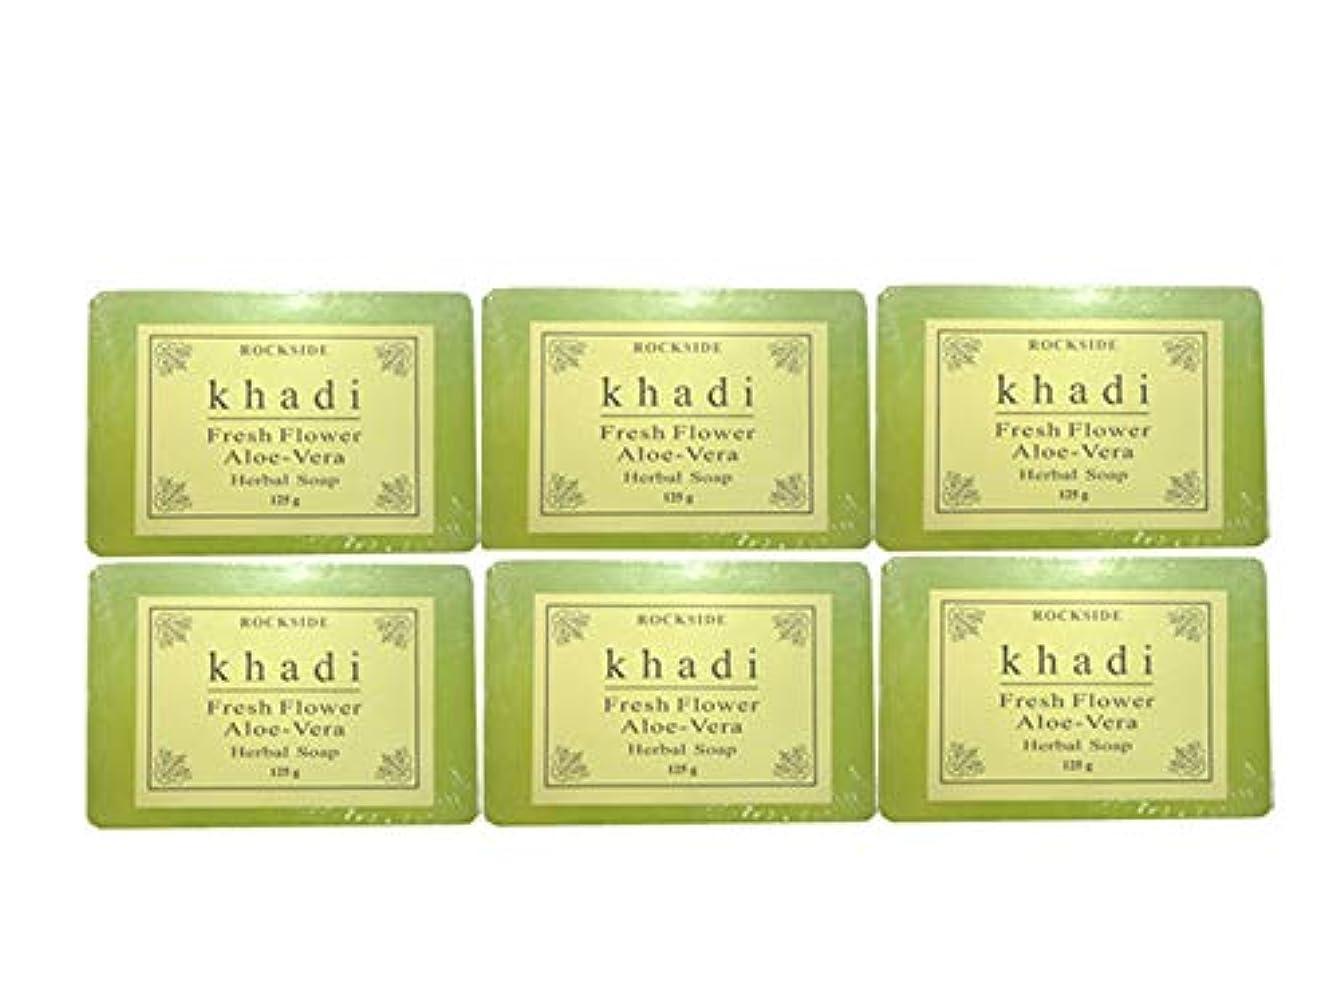 びっくりした汚物原始的な手作り カーディ フレッシュフラワー2 ハーバルソープ Khadi Fresh Flower Aloe-Vera Herbal Soap 6個SET